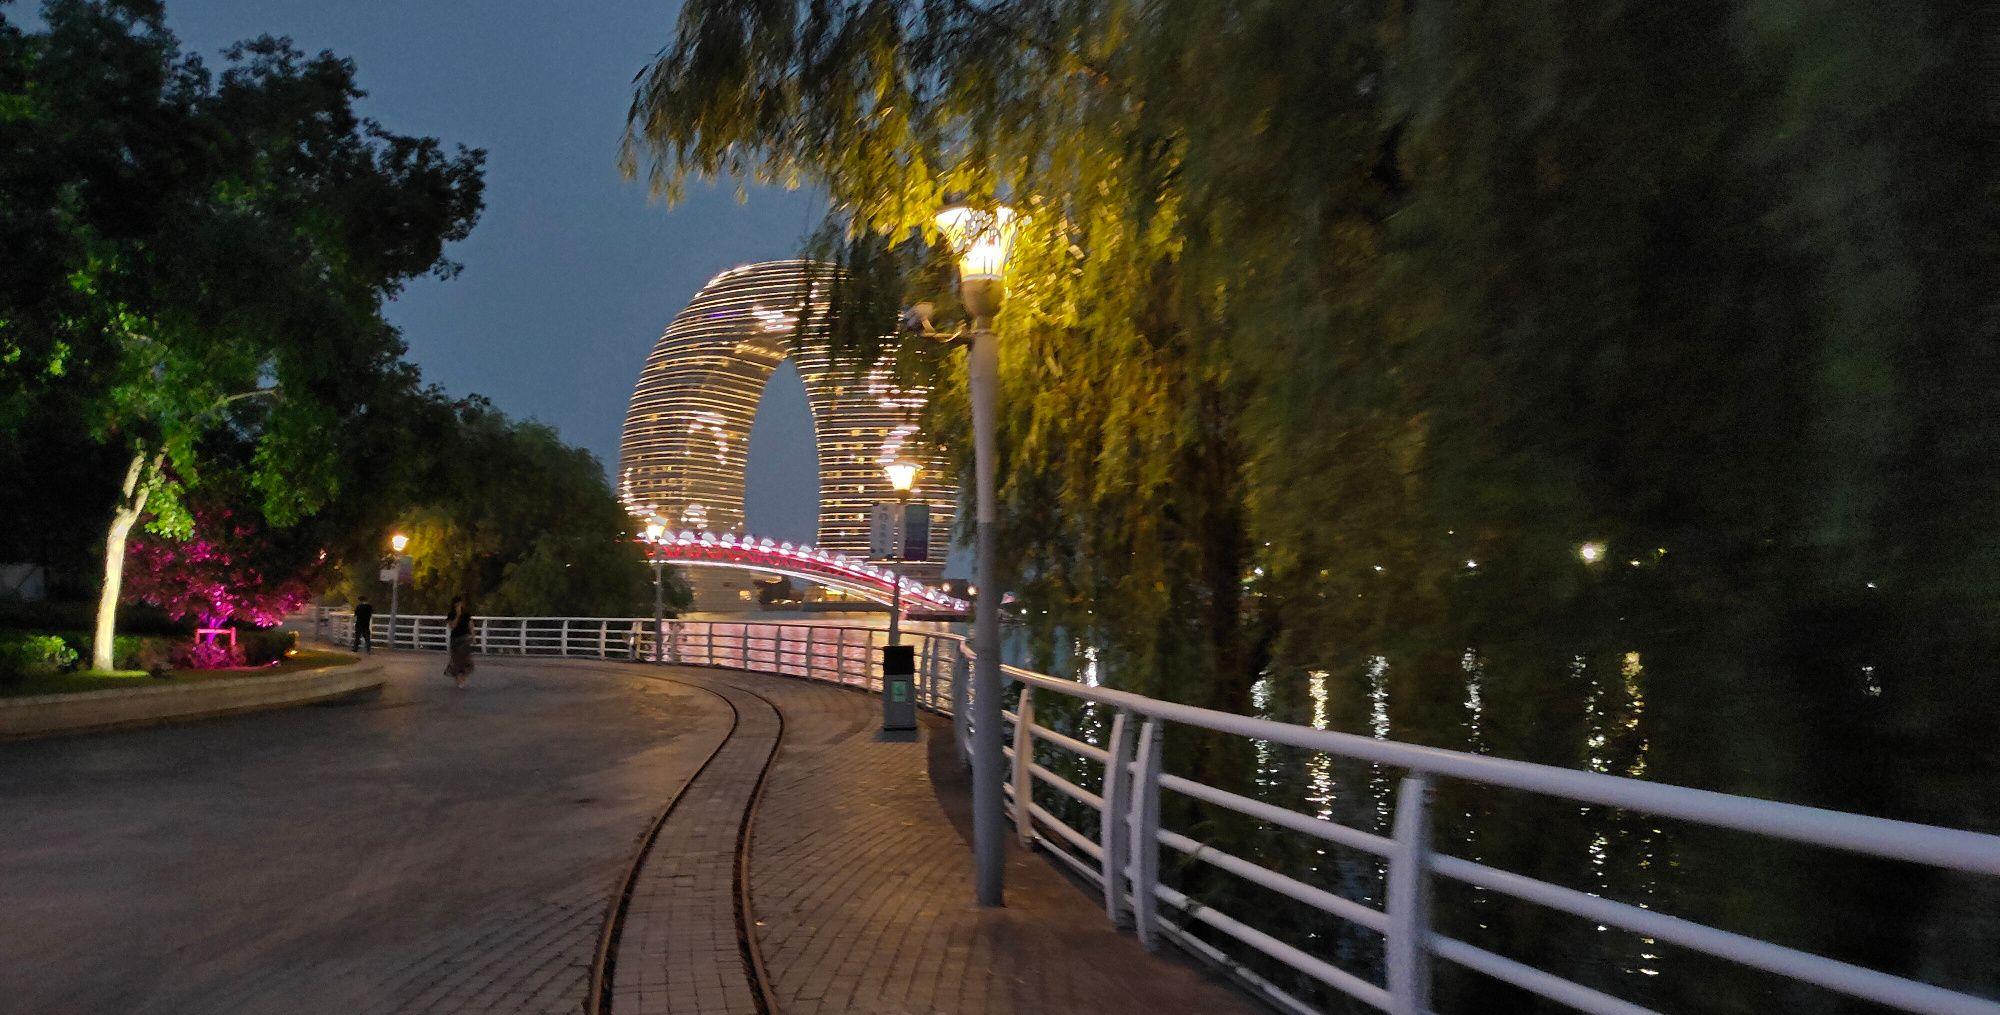 """湖州太湖喜来登酒店,被称为""""月亮酒店"""",夜景绝美的网红打卡地"""